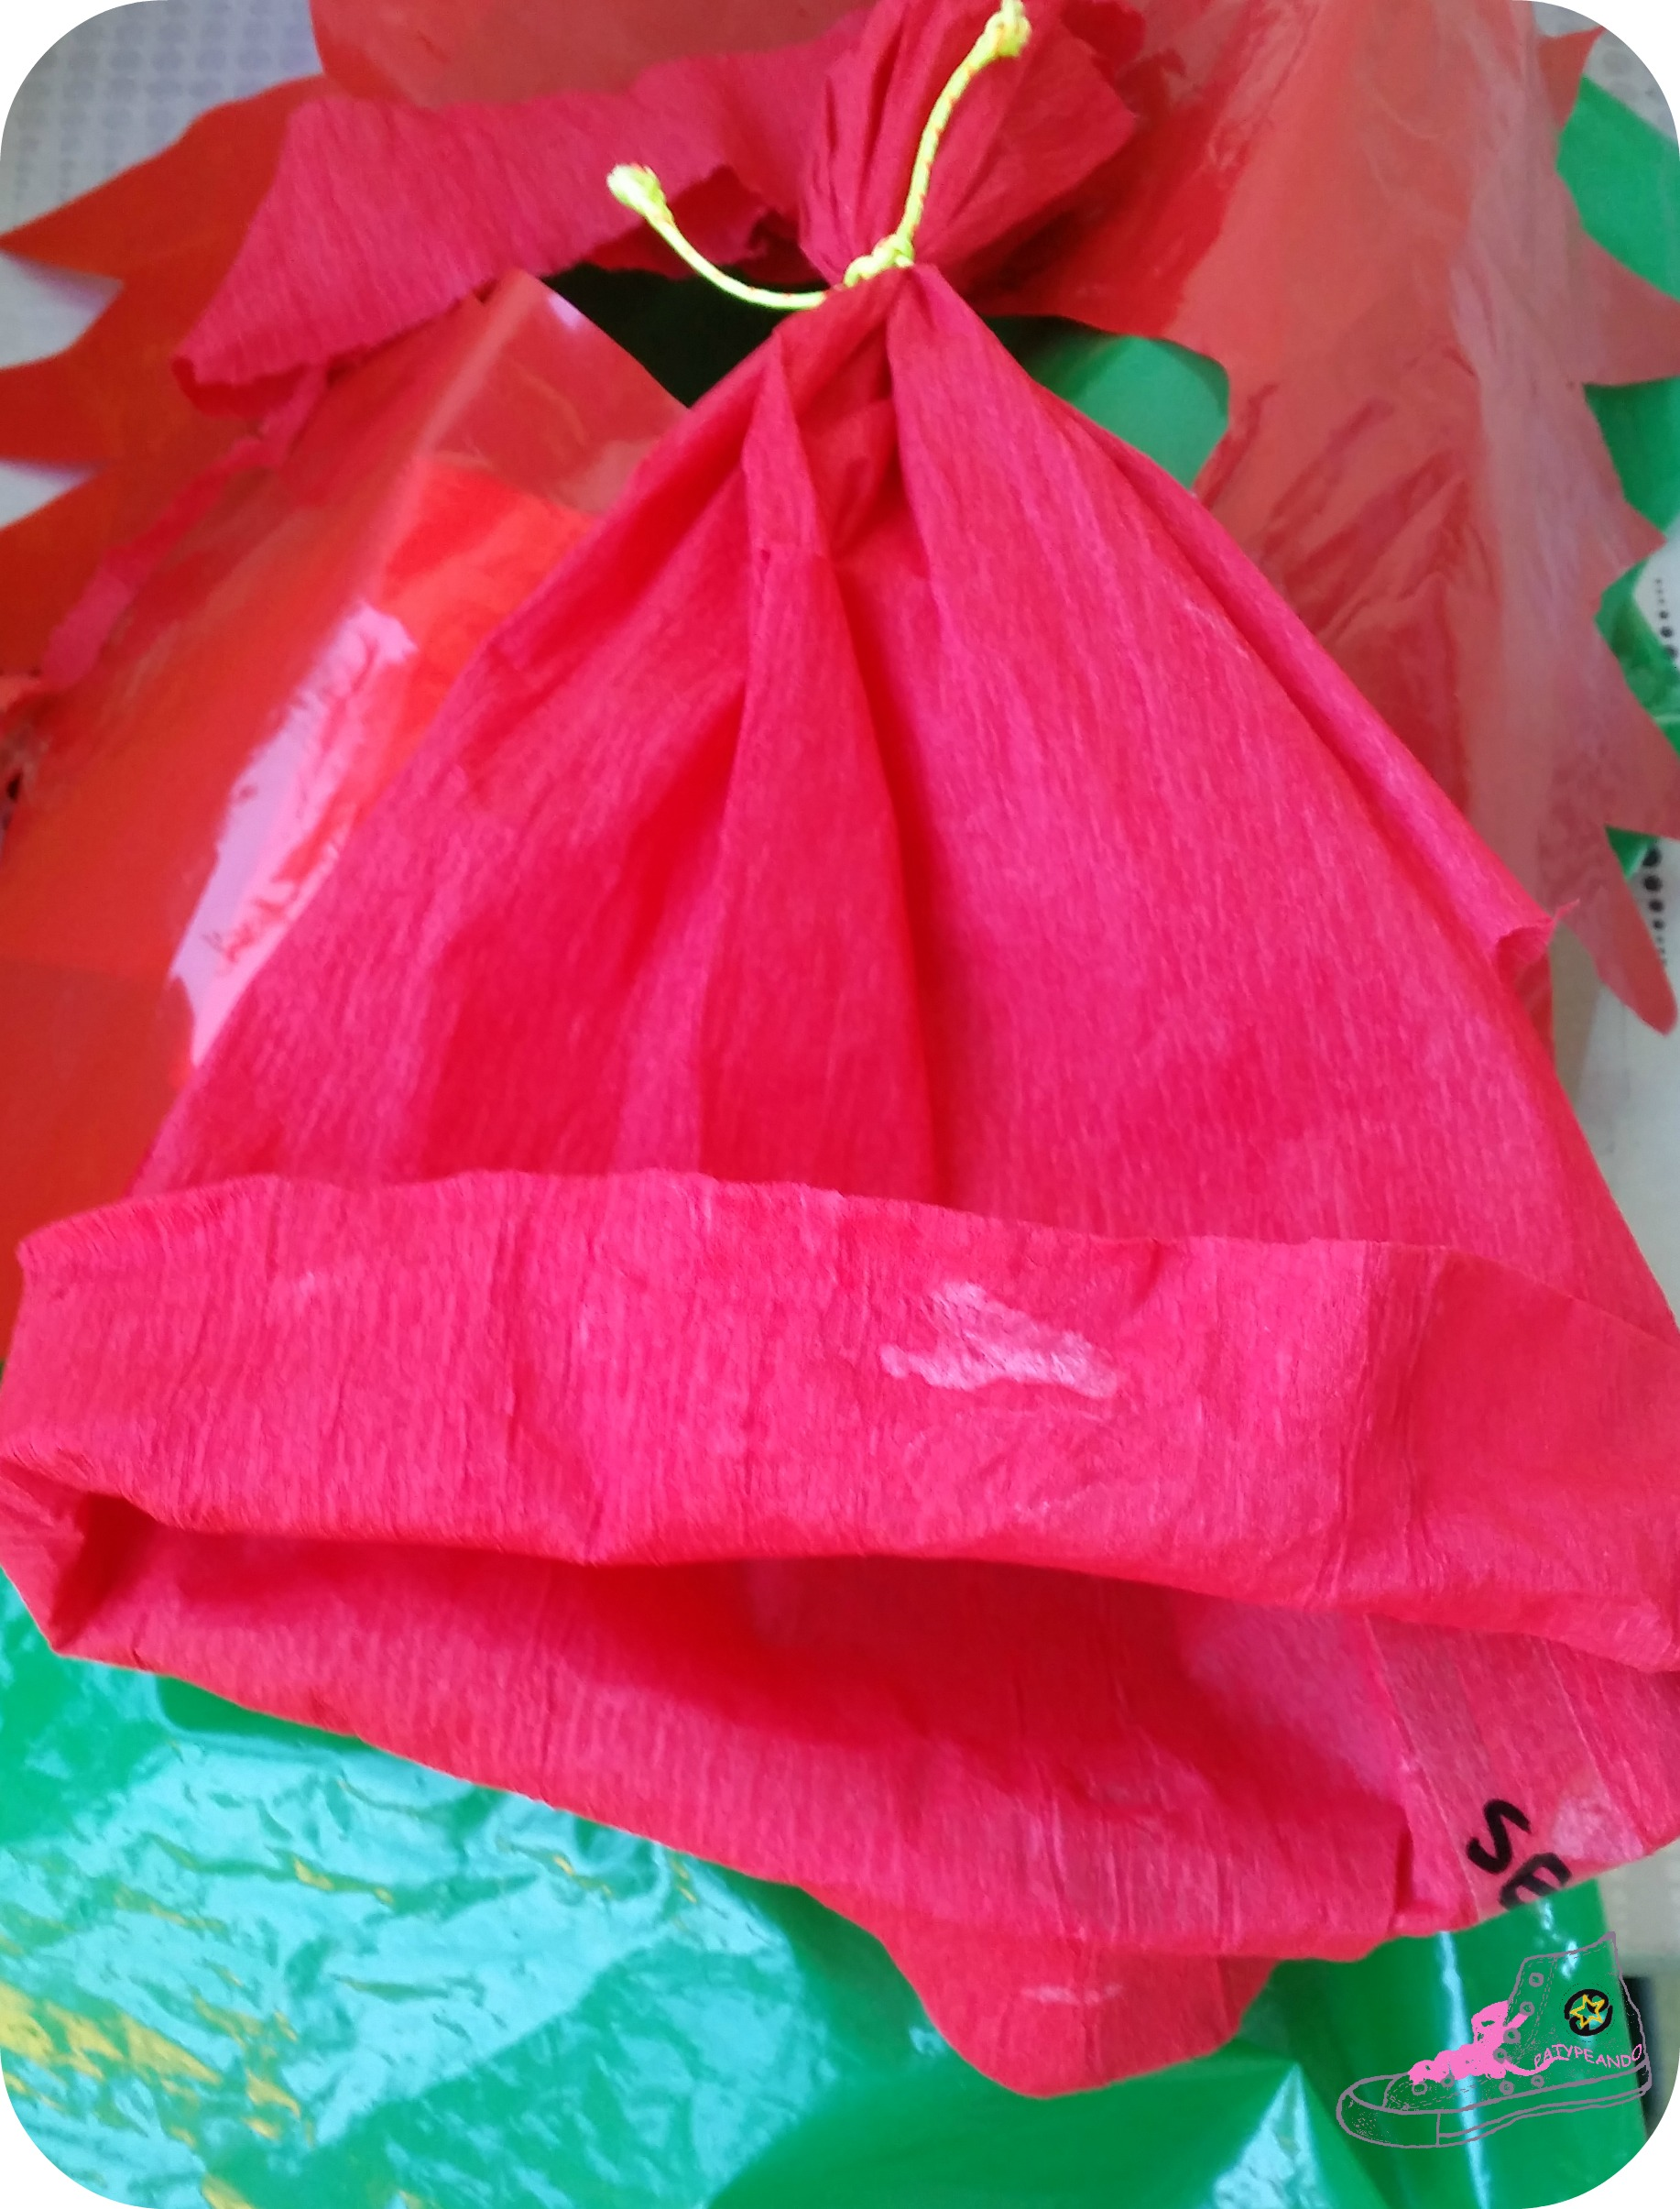 disfraz de duende del bosque con bolsas de basura